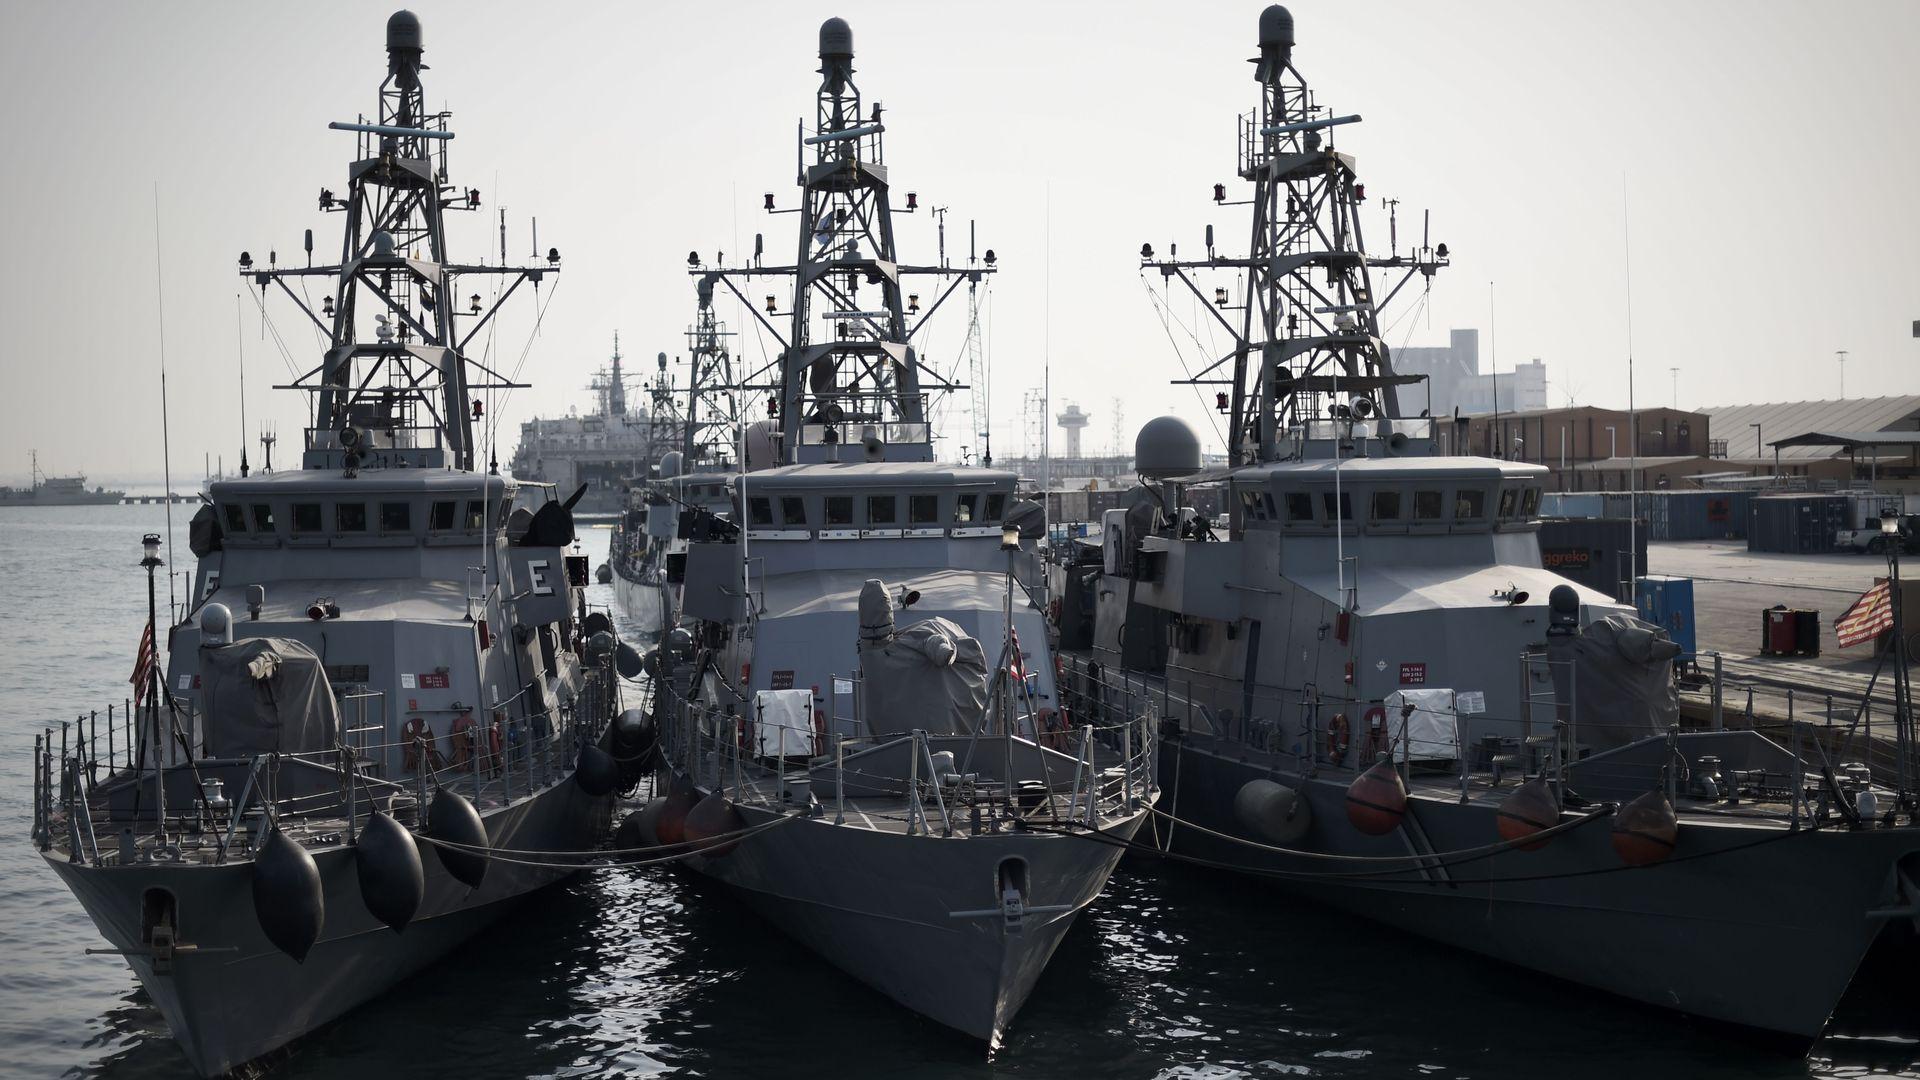 U.S. naval ships at dock